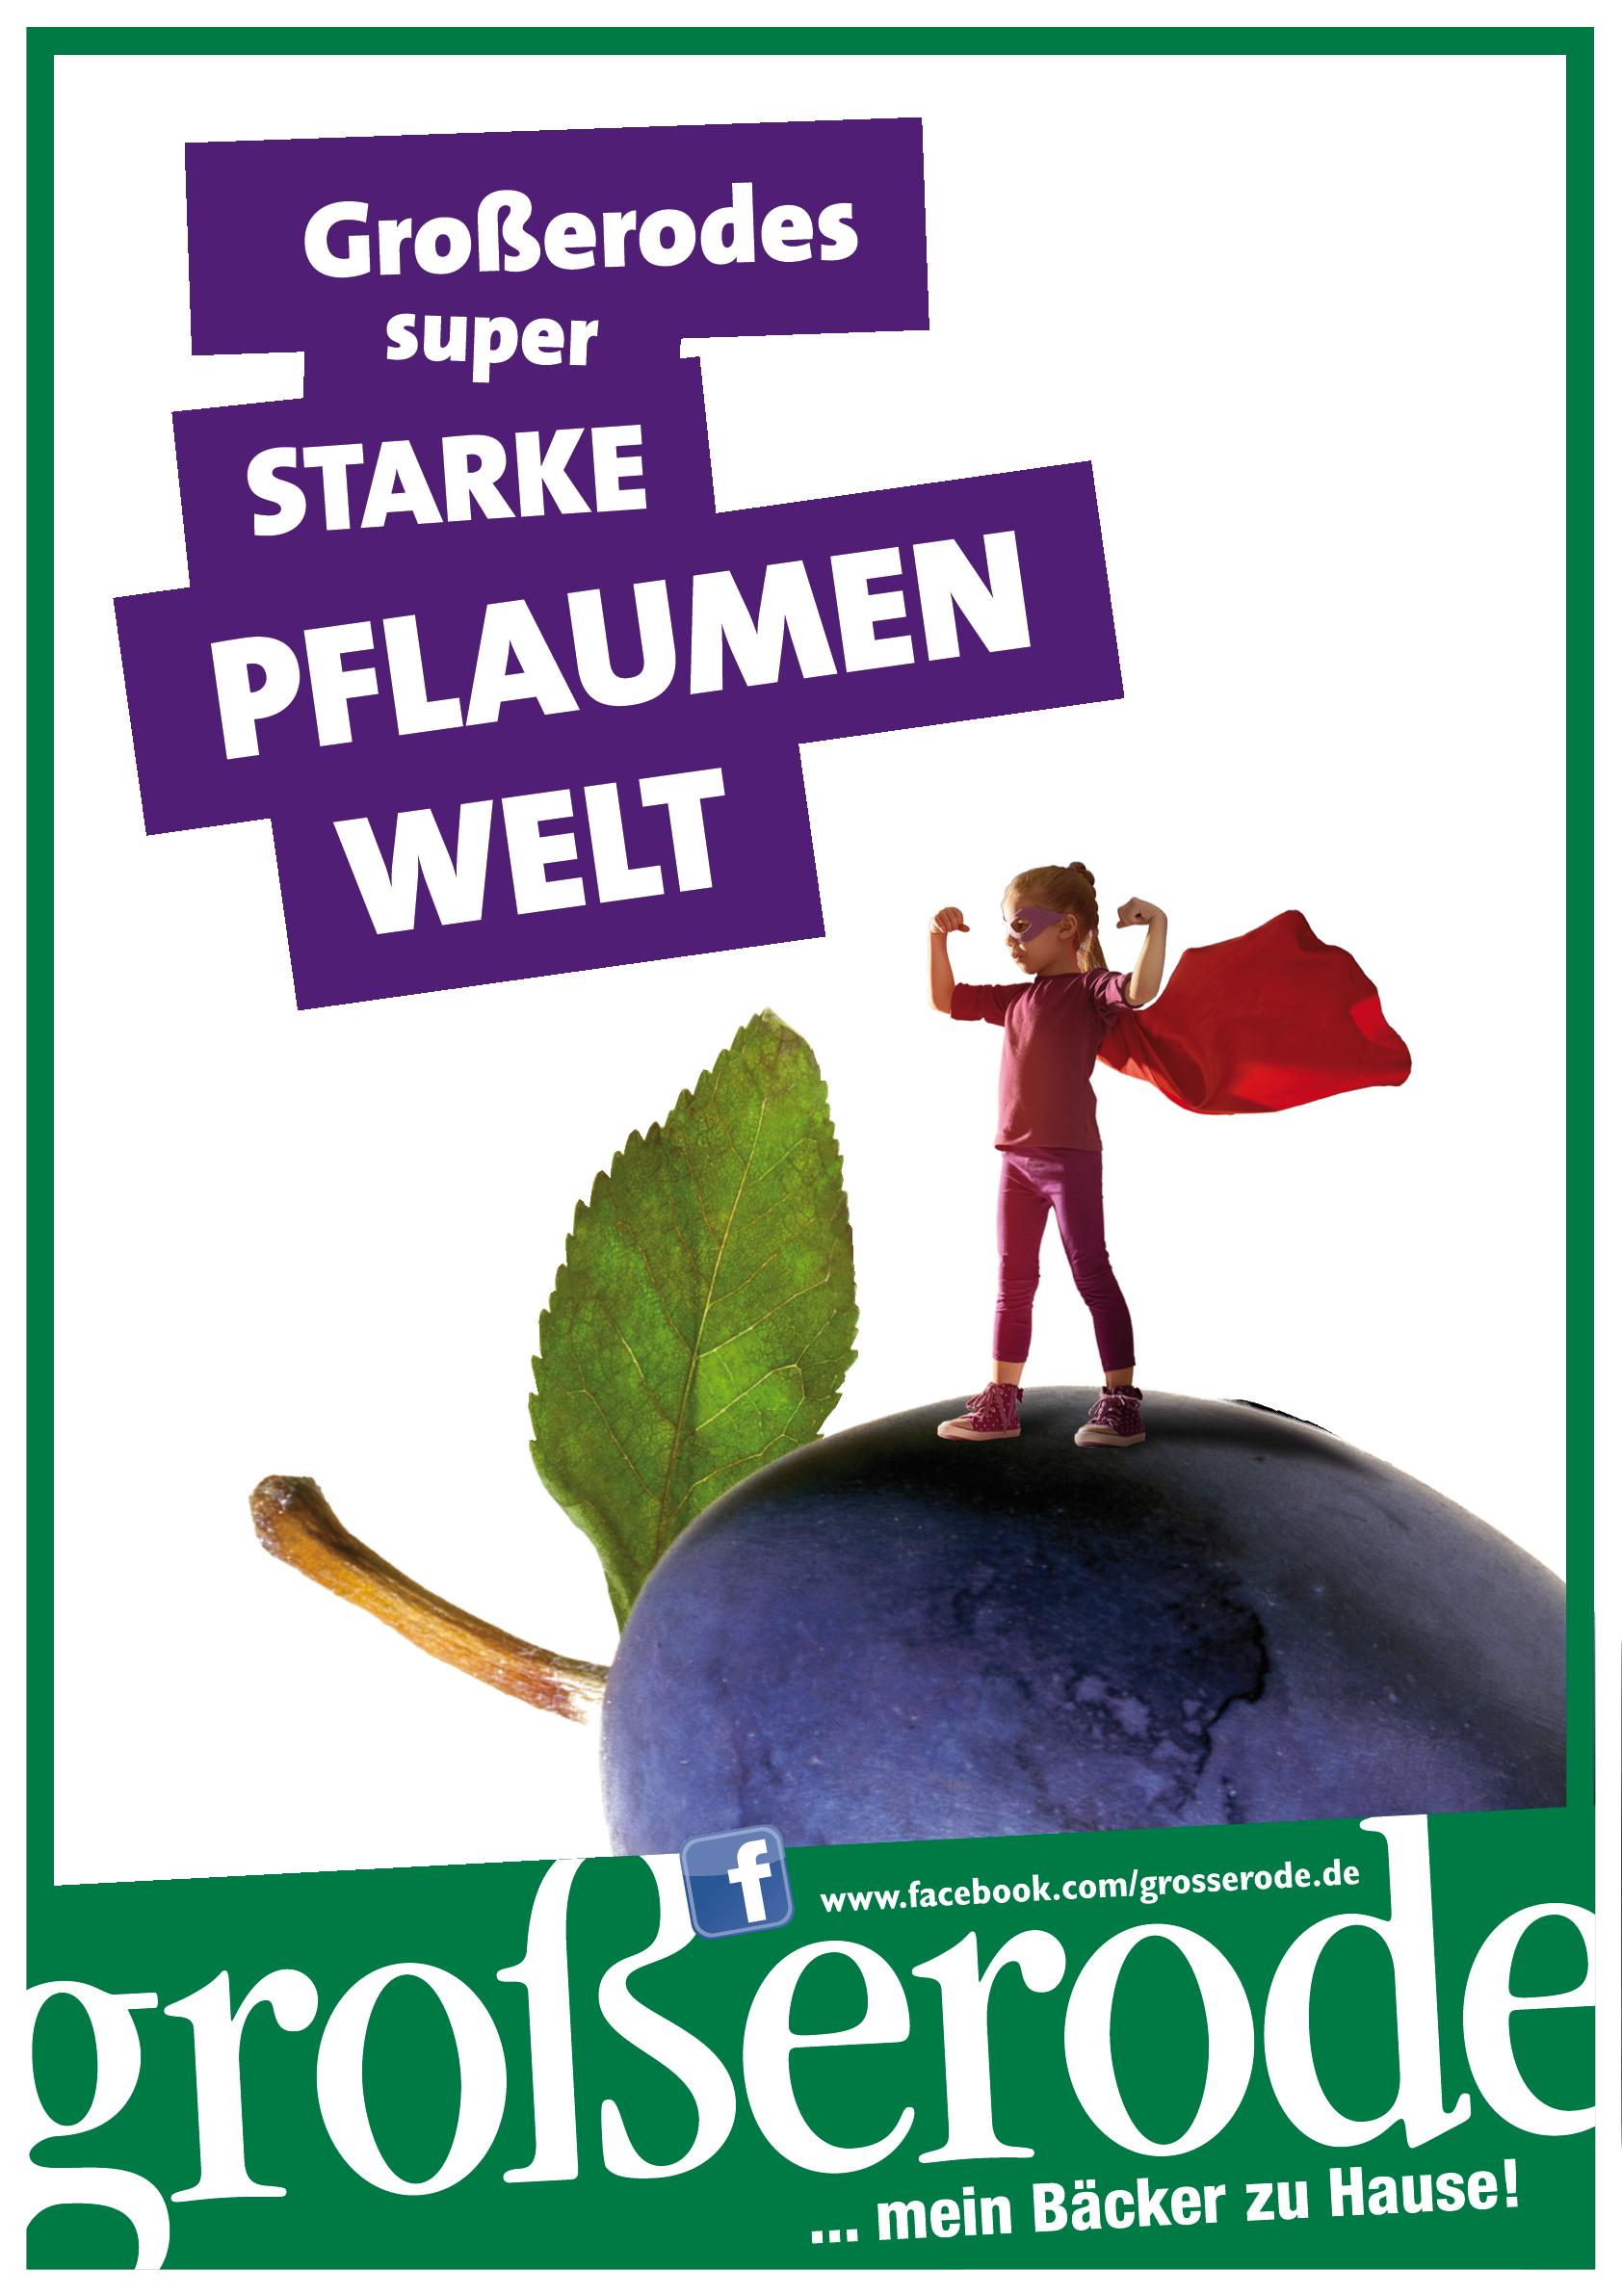 20160511_Grosserode_Pflaumenaktion_PlakatA1_DRUCKDATEN.png